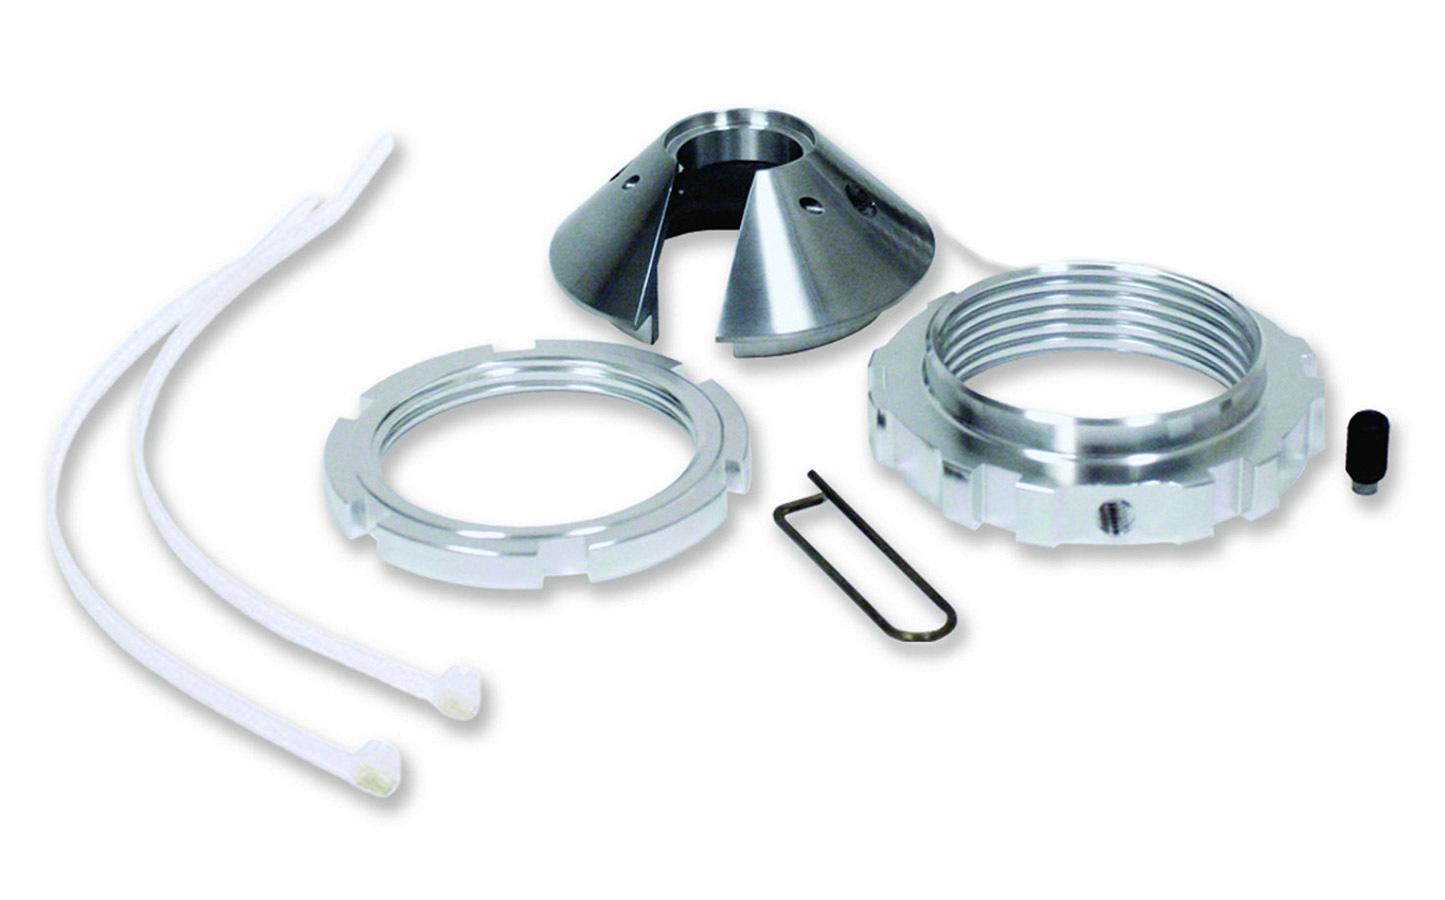 QA1 CK6201 Coil-Over Kit, 2.500 in ID Spring, Aluminum, Natural, 7/9 in Stroke, QA1 62 Series Shocks, Kit